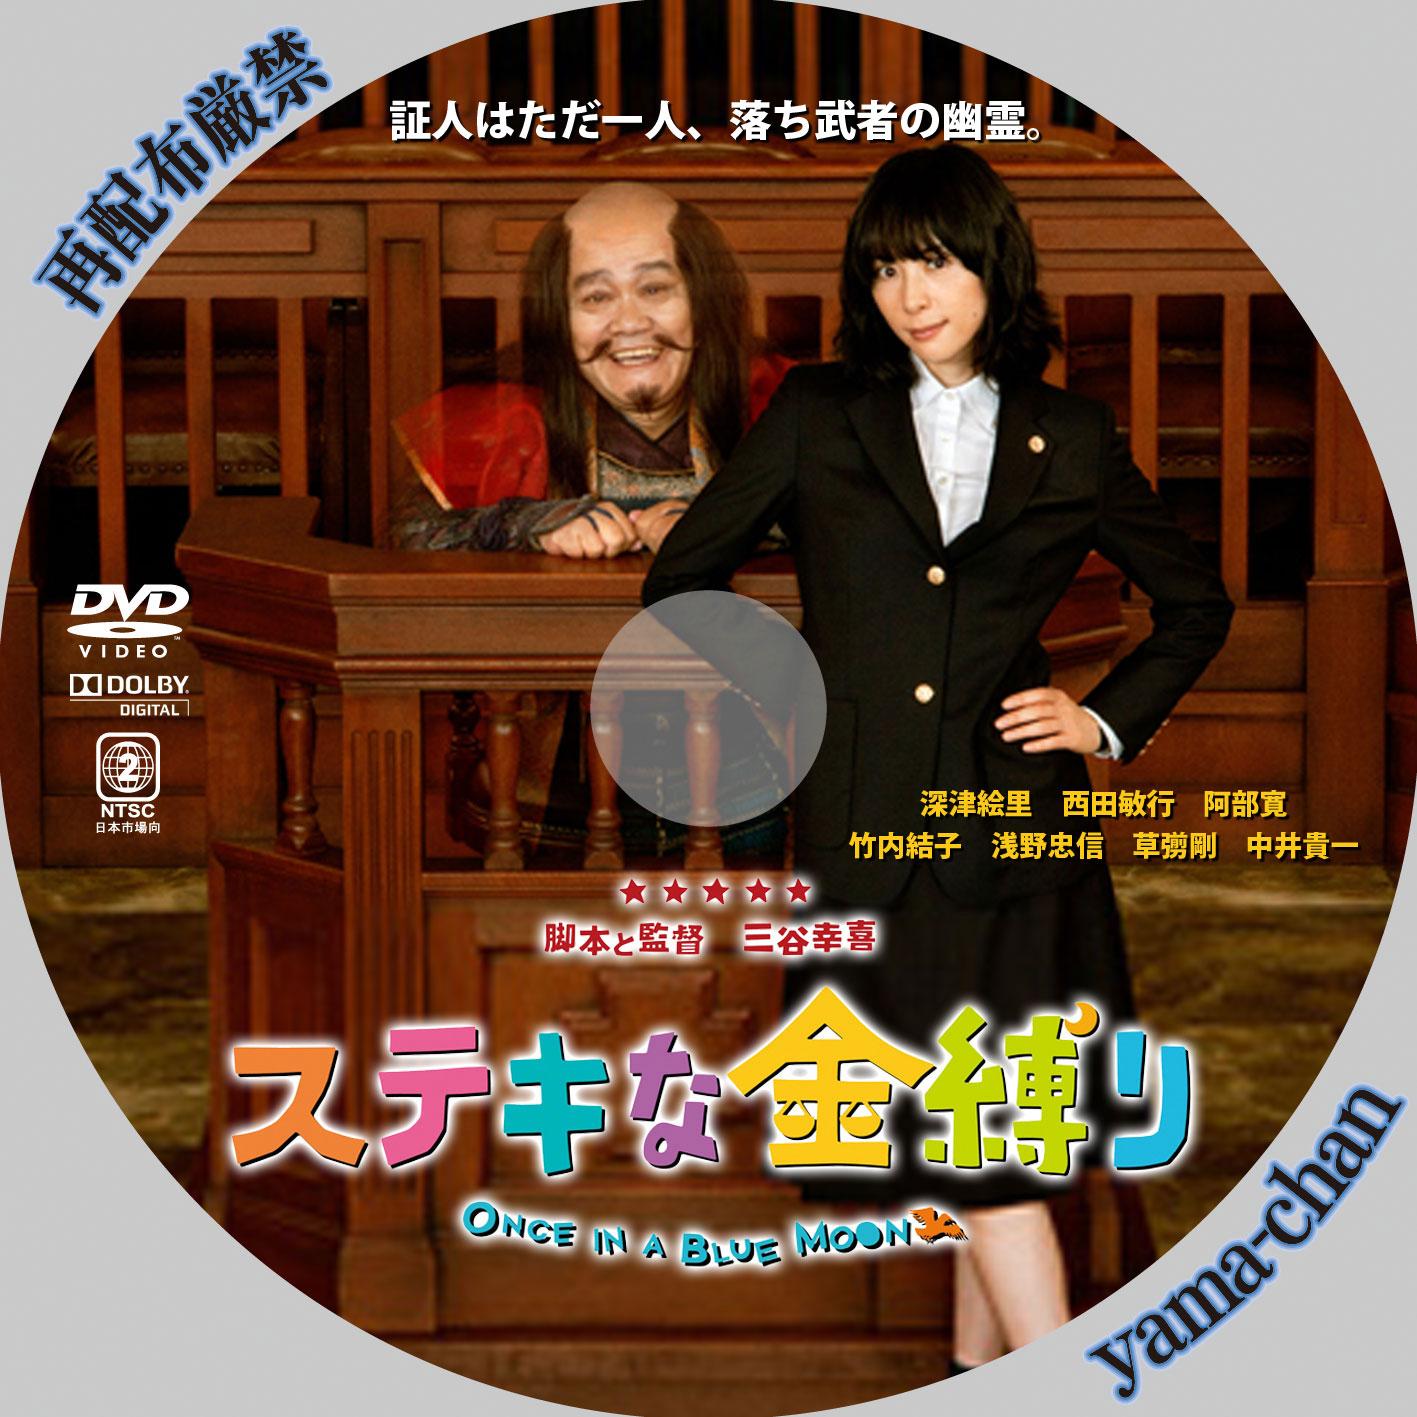 ステキな金縛り Blu-rayスペシャル・エディション 東宝 価格: 土田いそのブログ